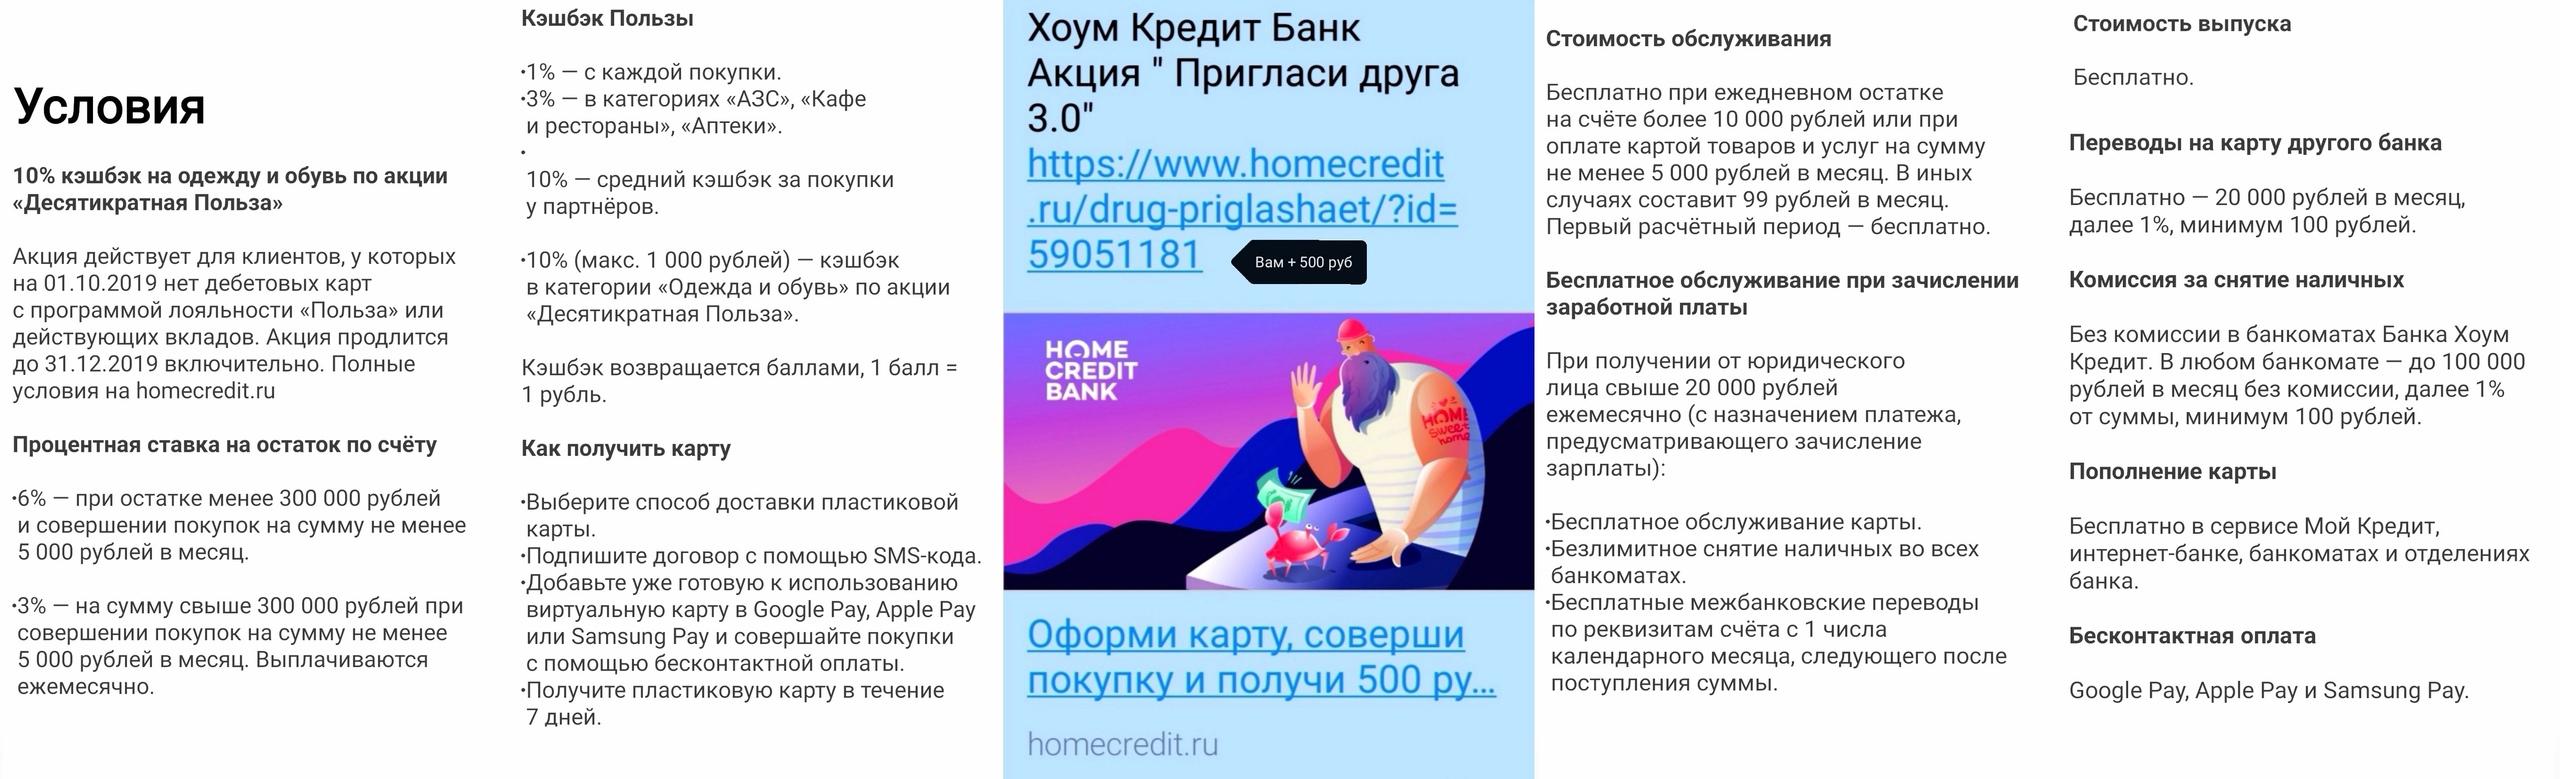 где заплатить хоум кредит без комиссии инн у ип пример